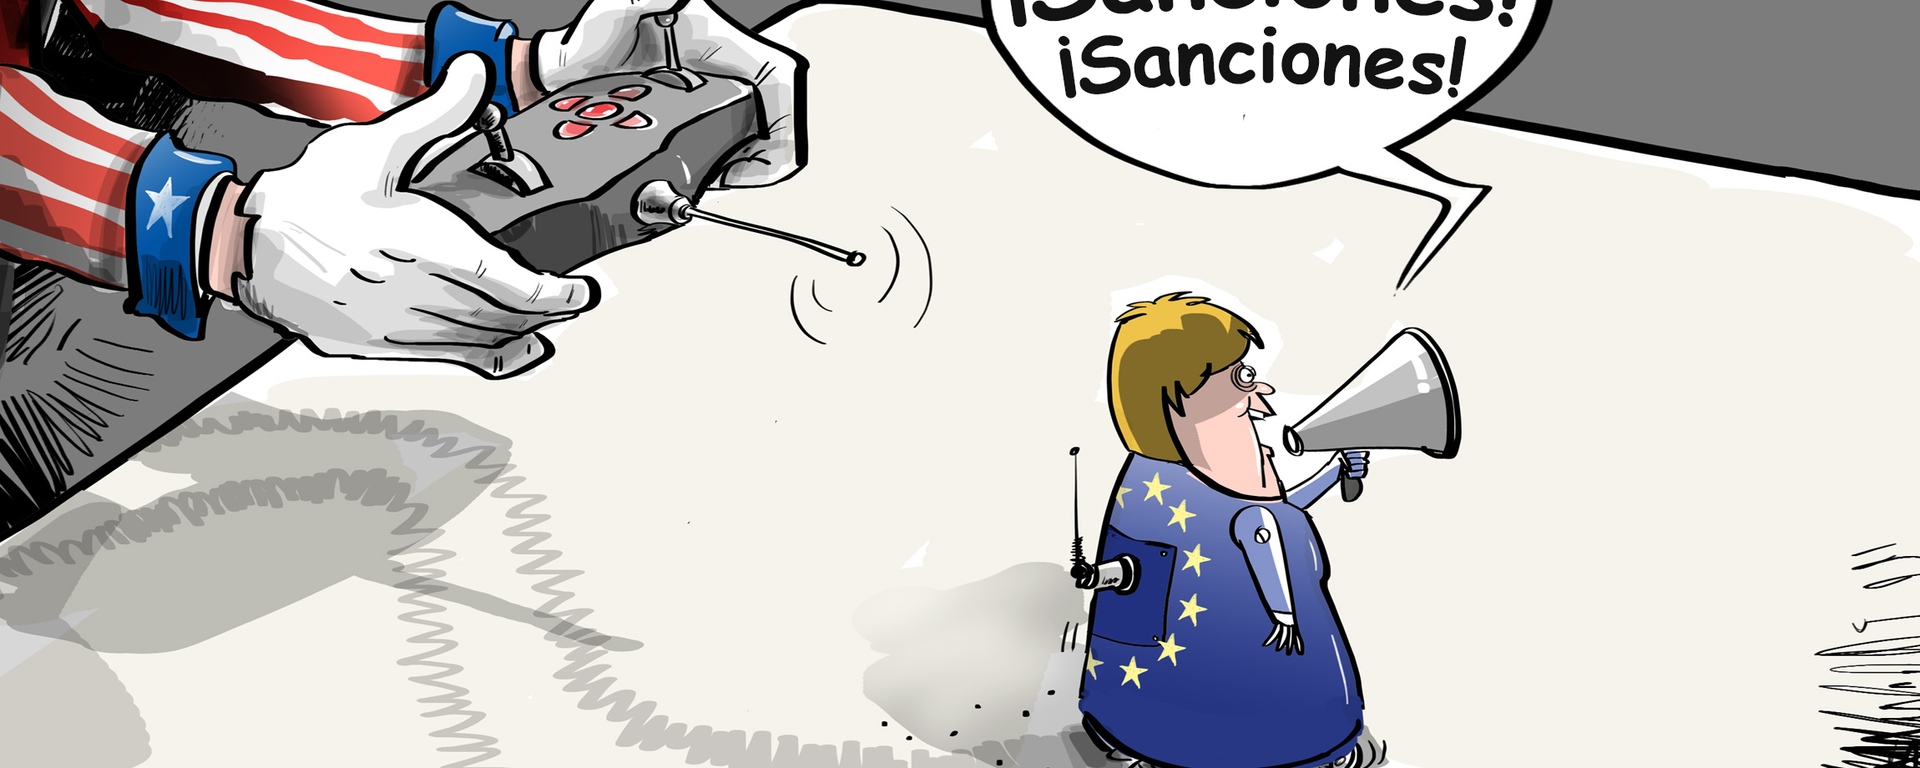 ¿No sería más fácil que la UE reconociera que EEUU es su soberano?  - Sputnik Mundo, 1920, 14.07.2021